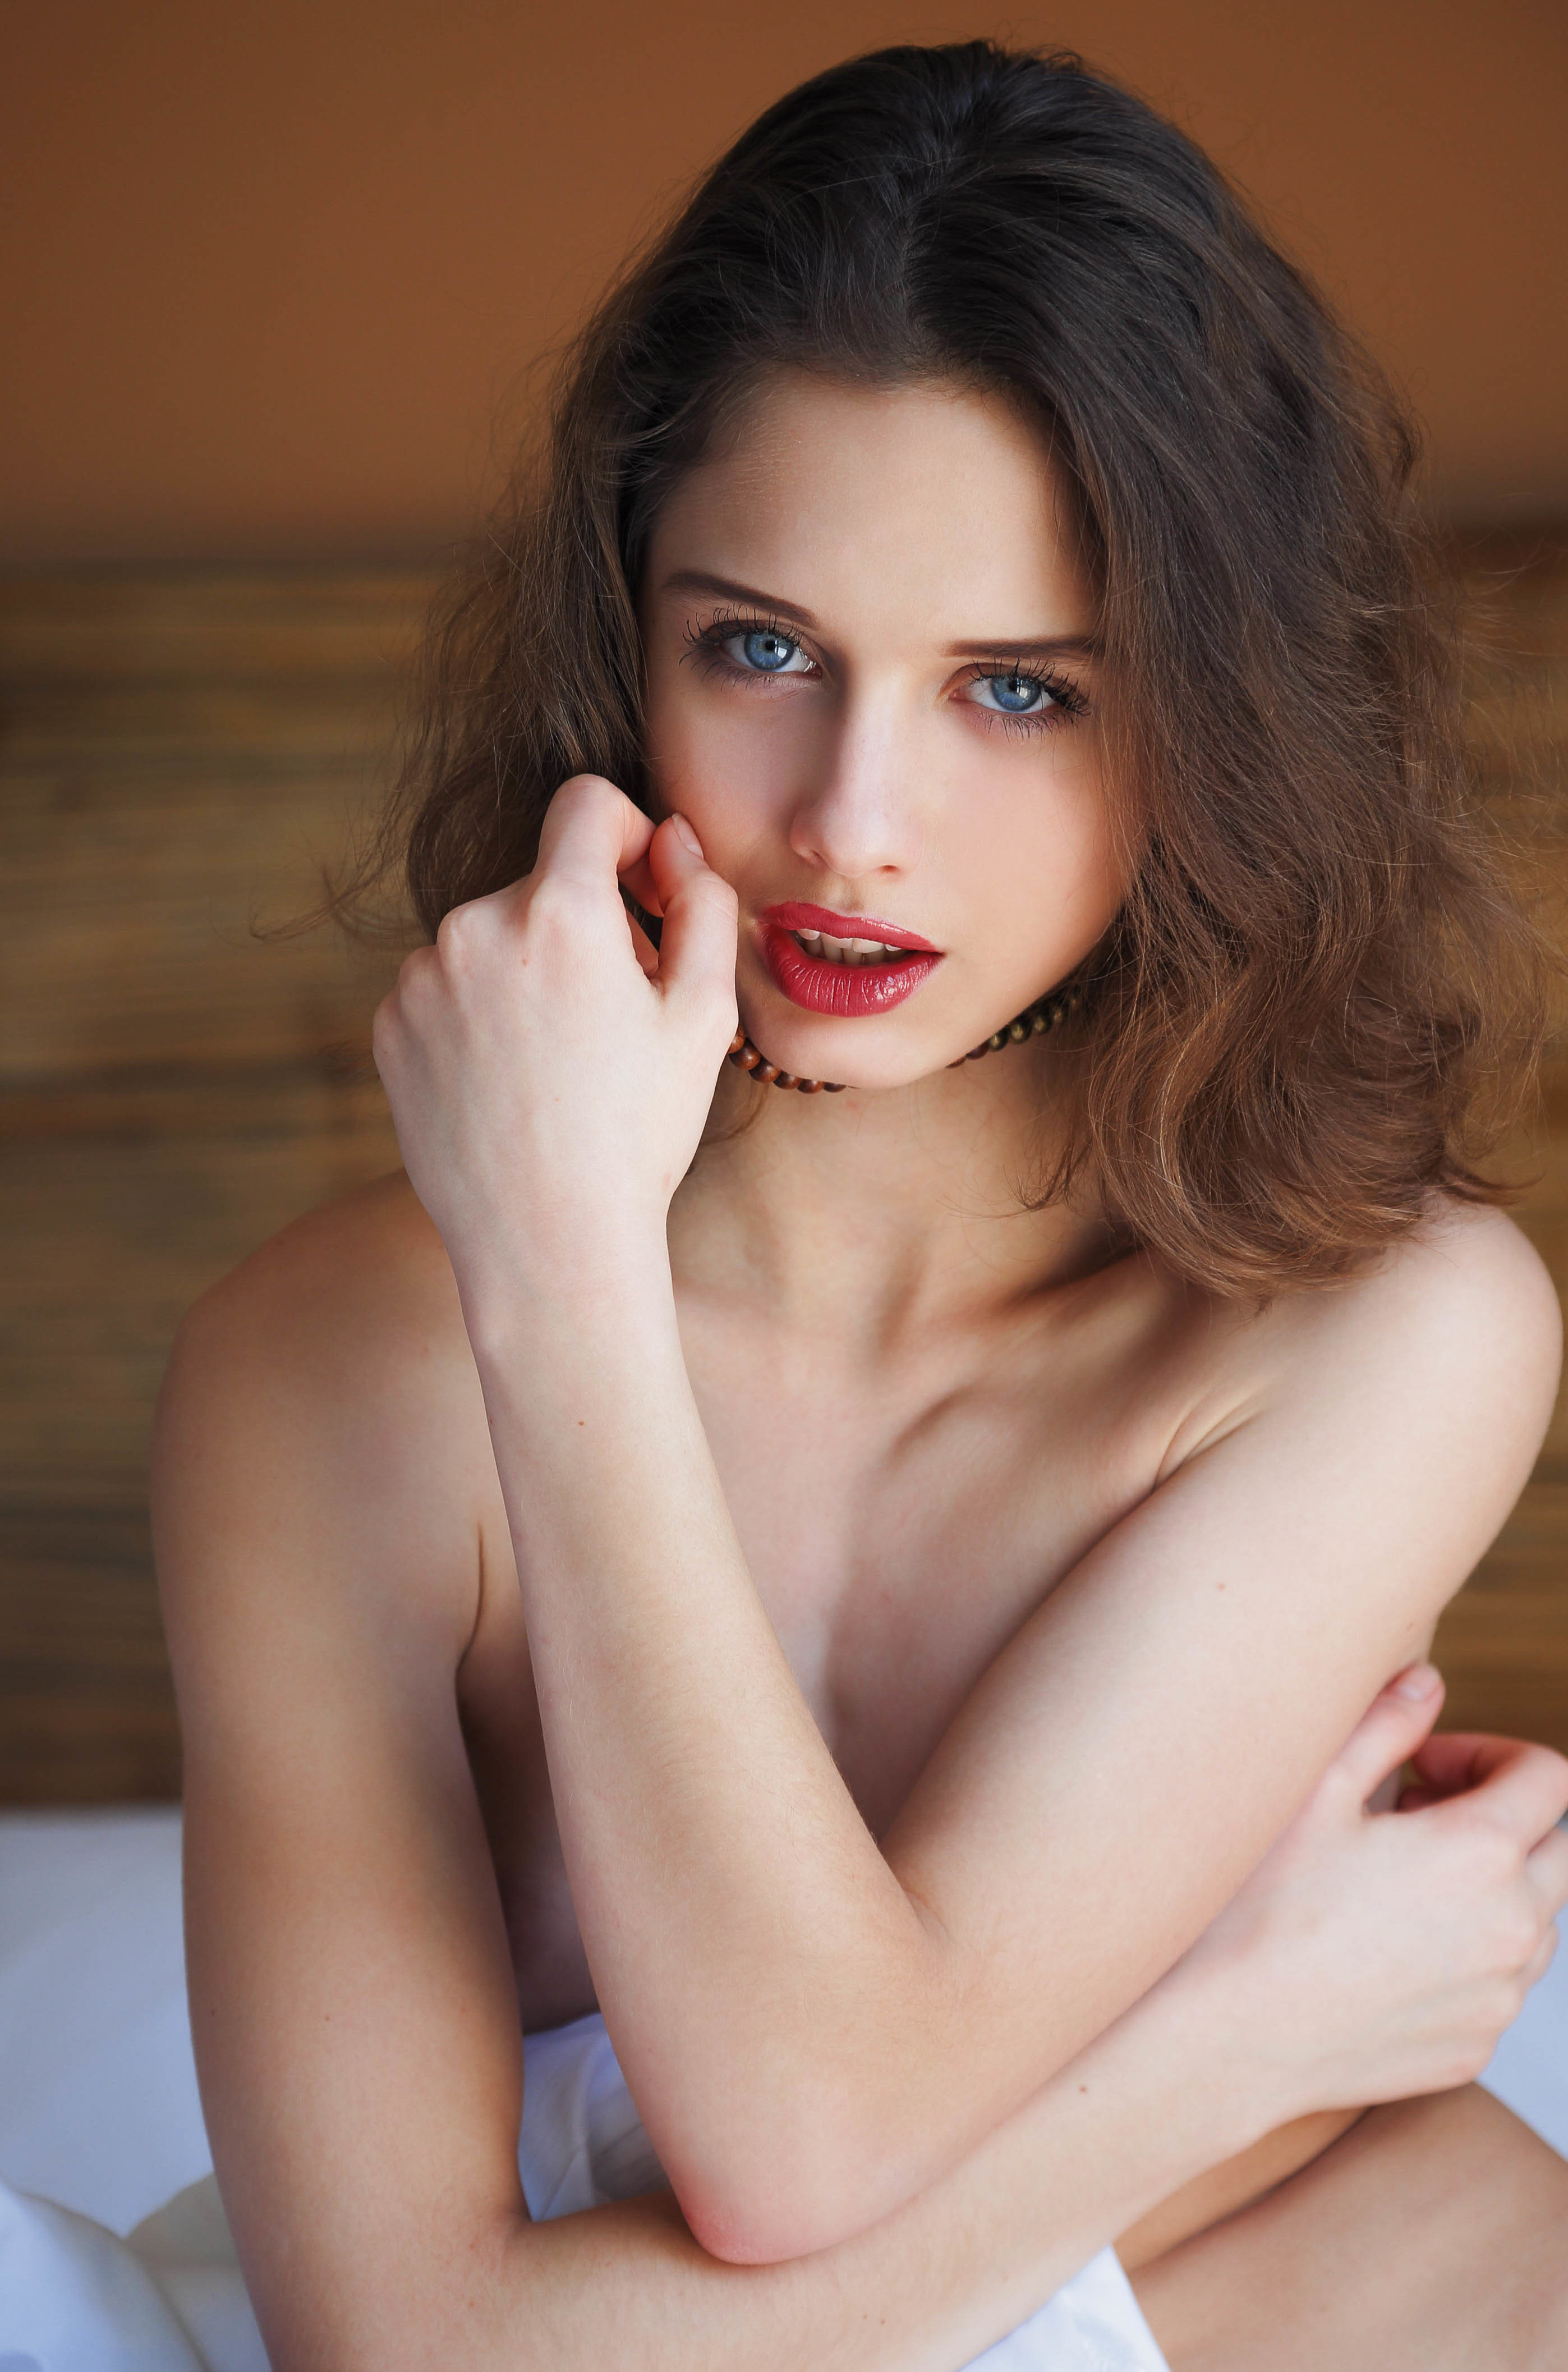 могу групповой секс с привлекательными красотками Это издевка такая, да?